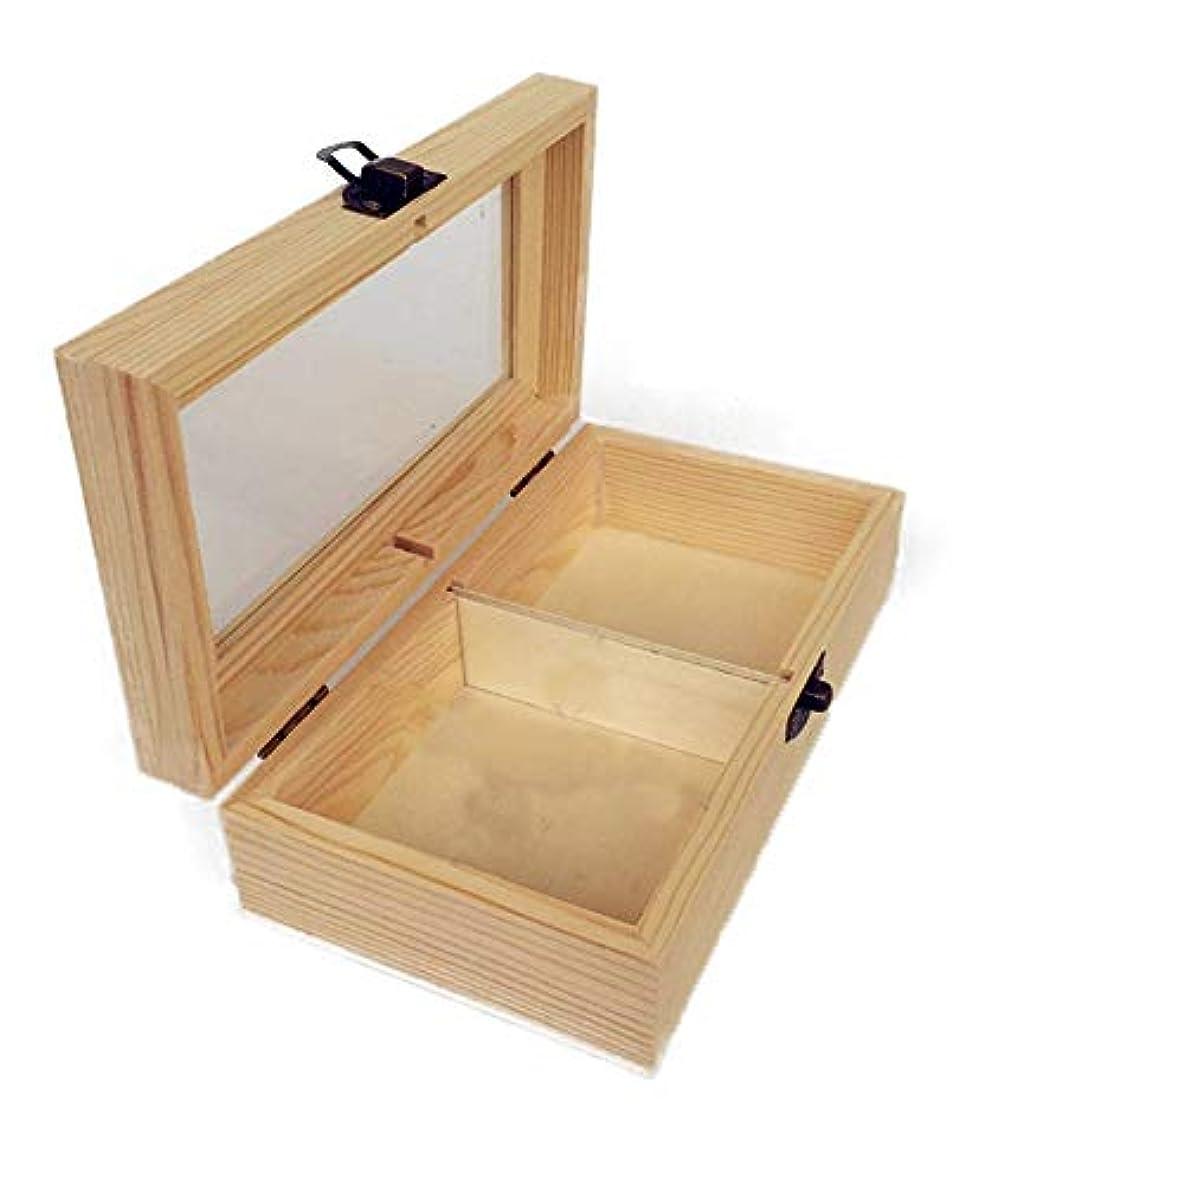 エイリアン予報ブラウスエッセンシャルオイルストレージボックス プレゼンテーションのために手作りの木製ギフトボックスパーフェクトエッセンシャルオイルケースにエッセンシャルオイルは、被害太陽光からあなたの油を保護します 旅行およびプレゼンテーション...